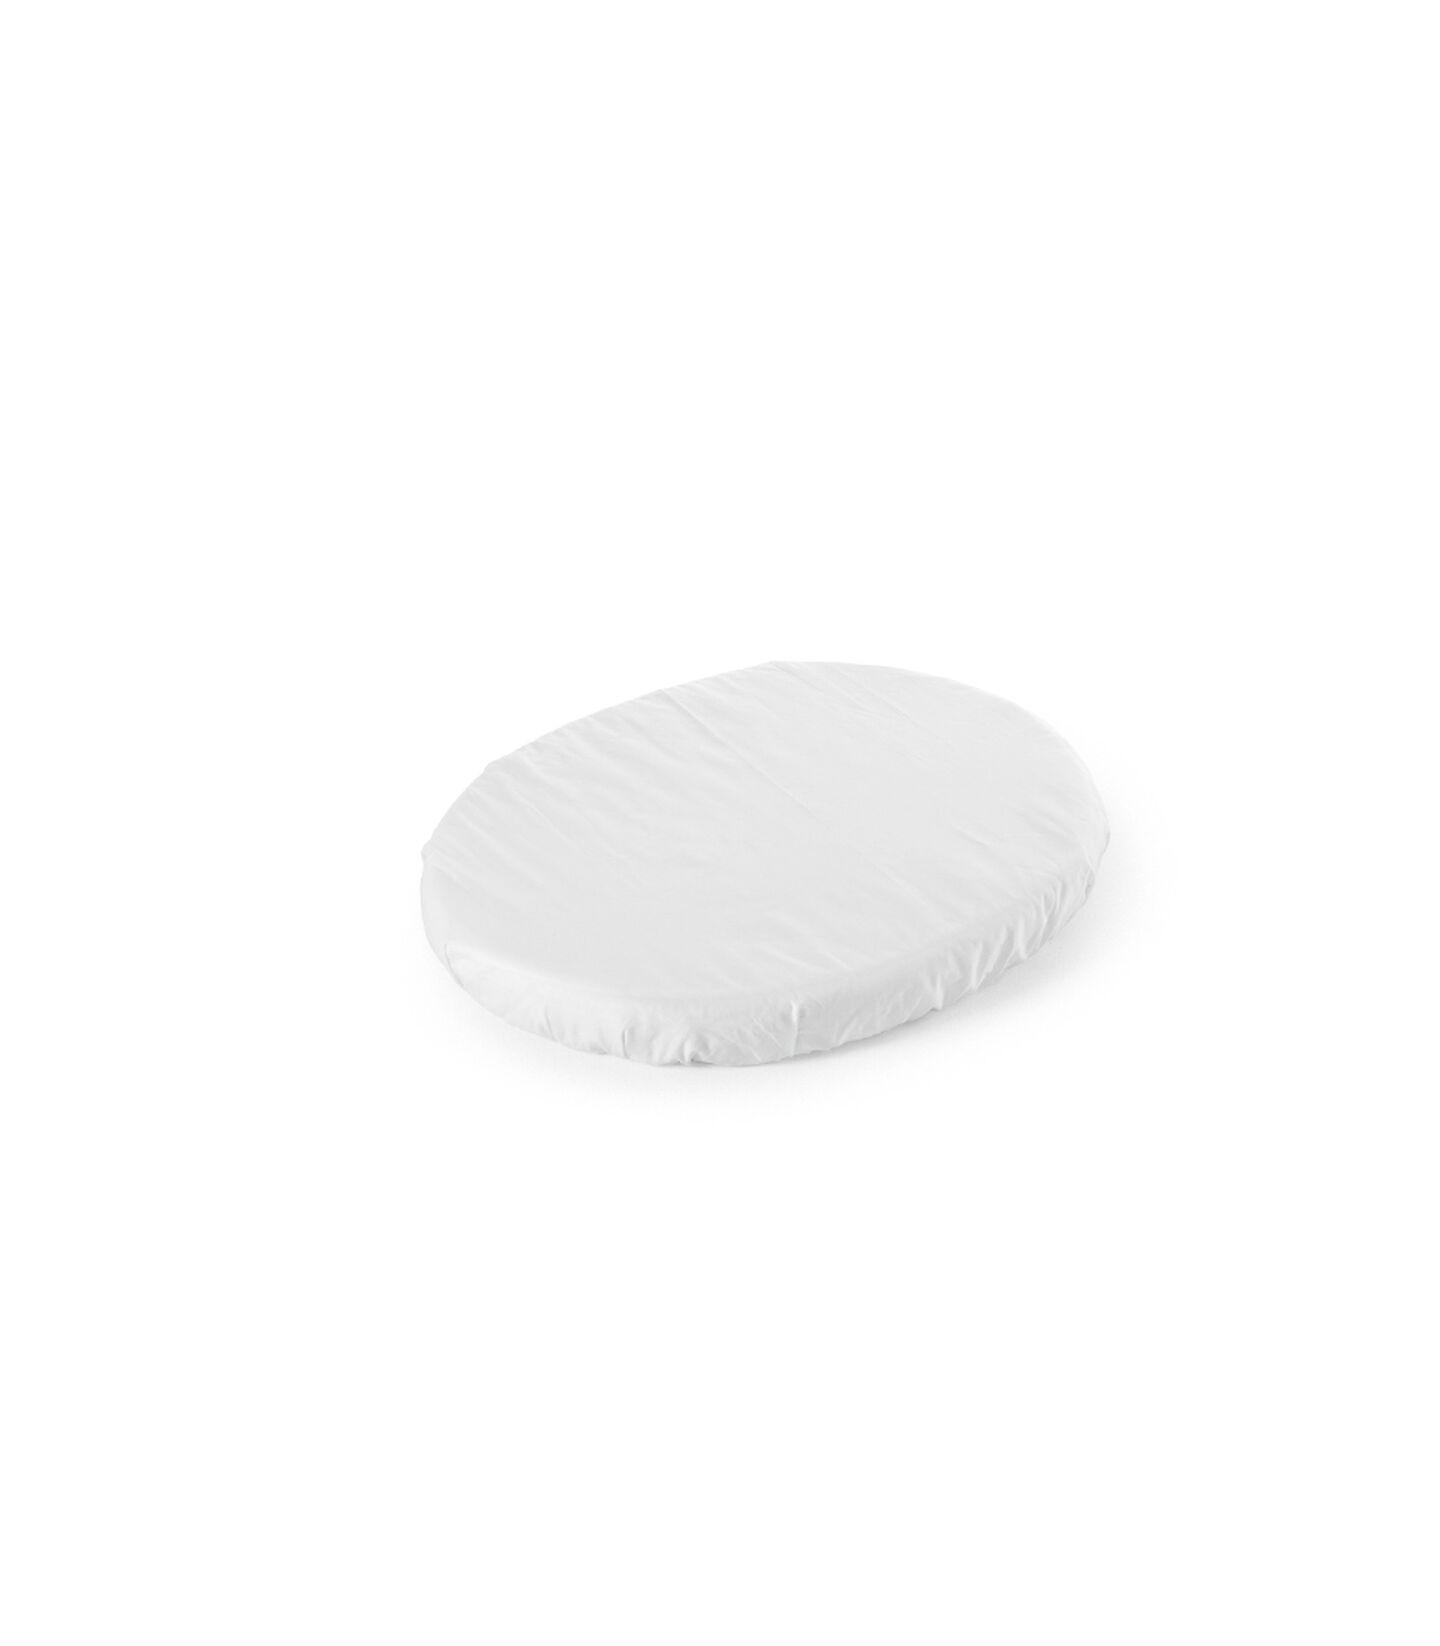 Stokke® Sleepi™ Mini Spannbettlaken White, White, mainview view 1